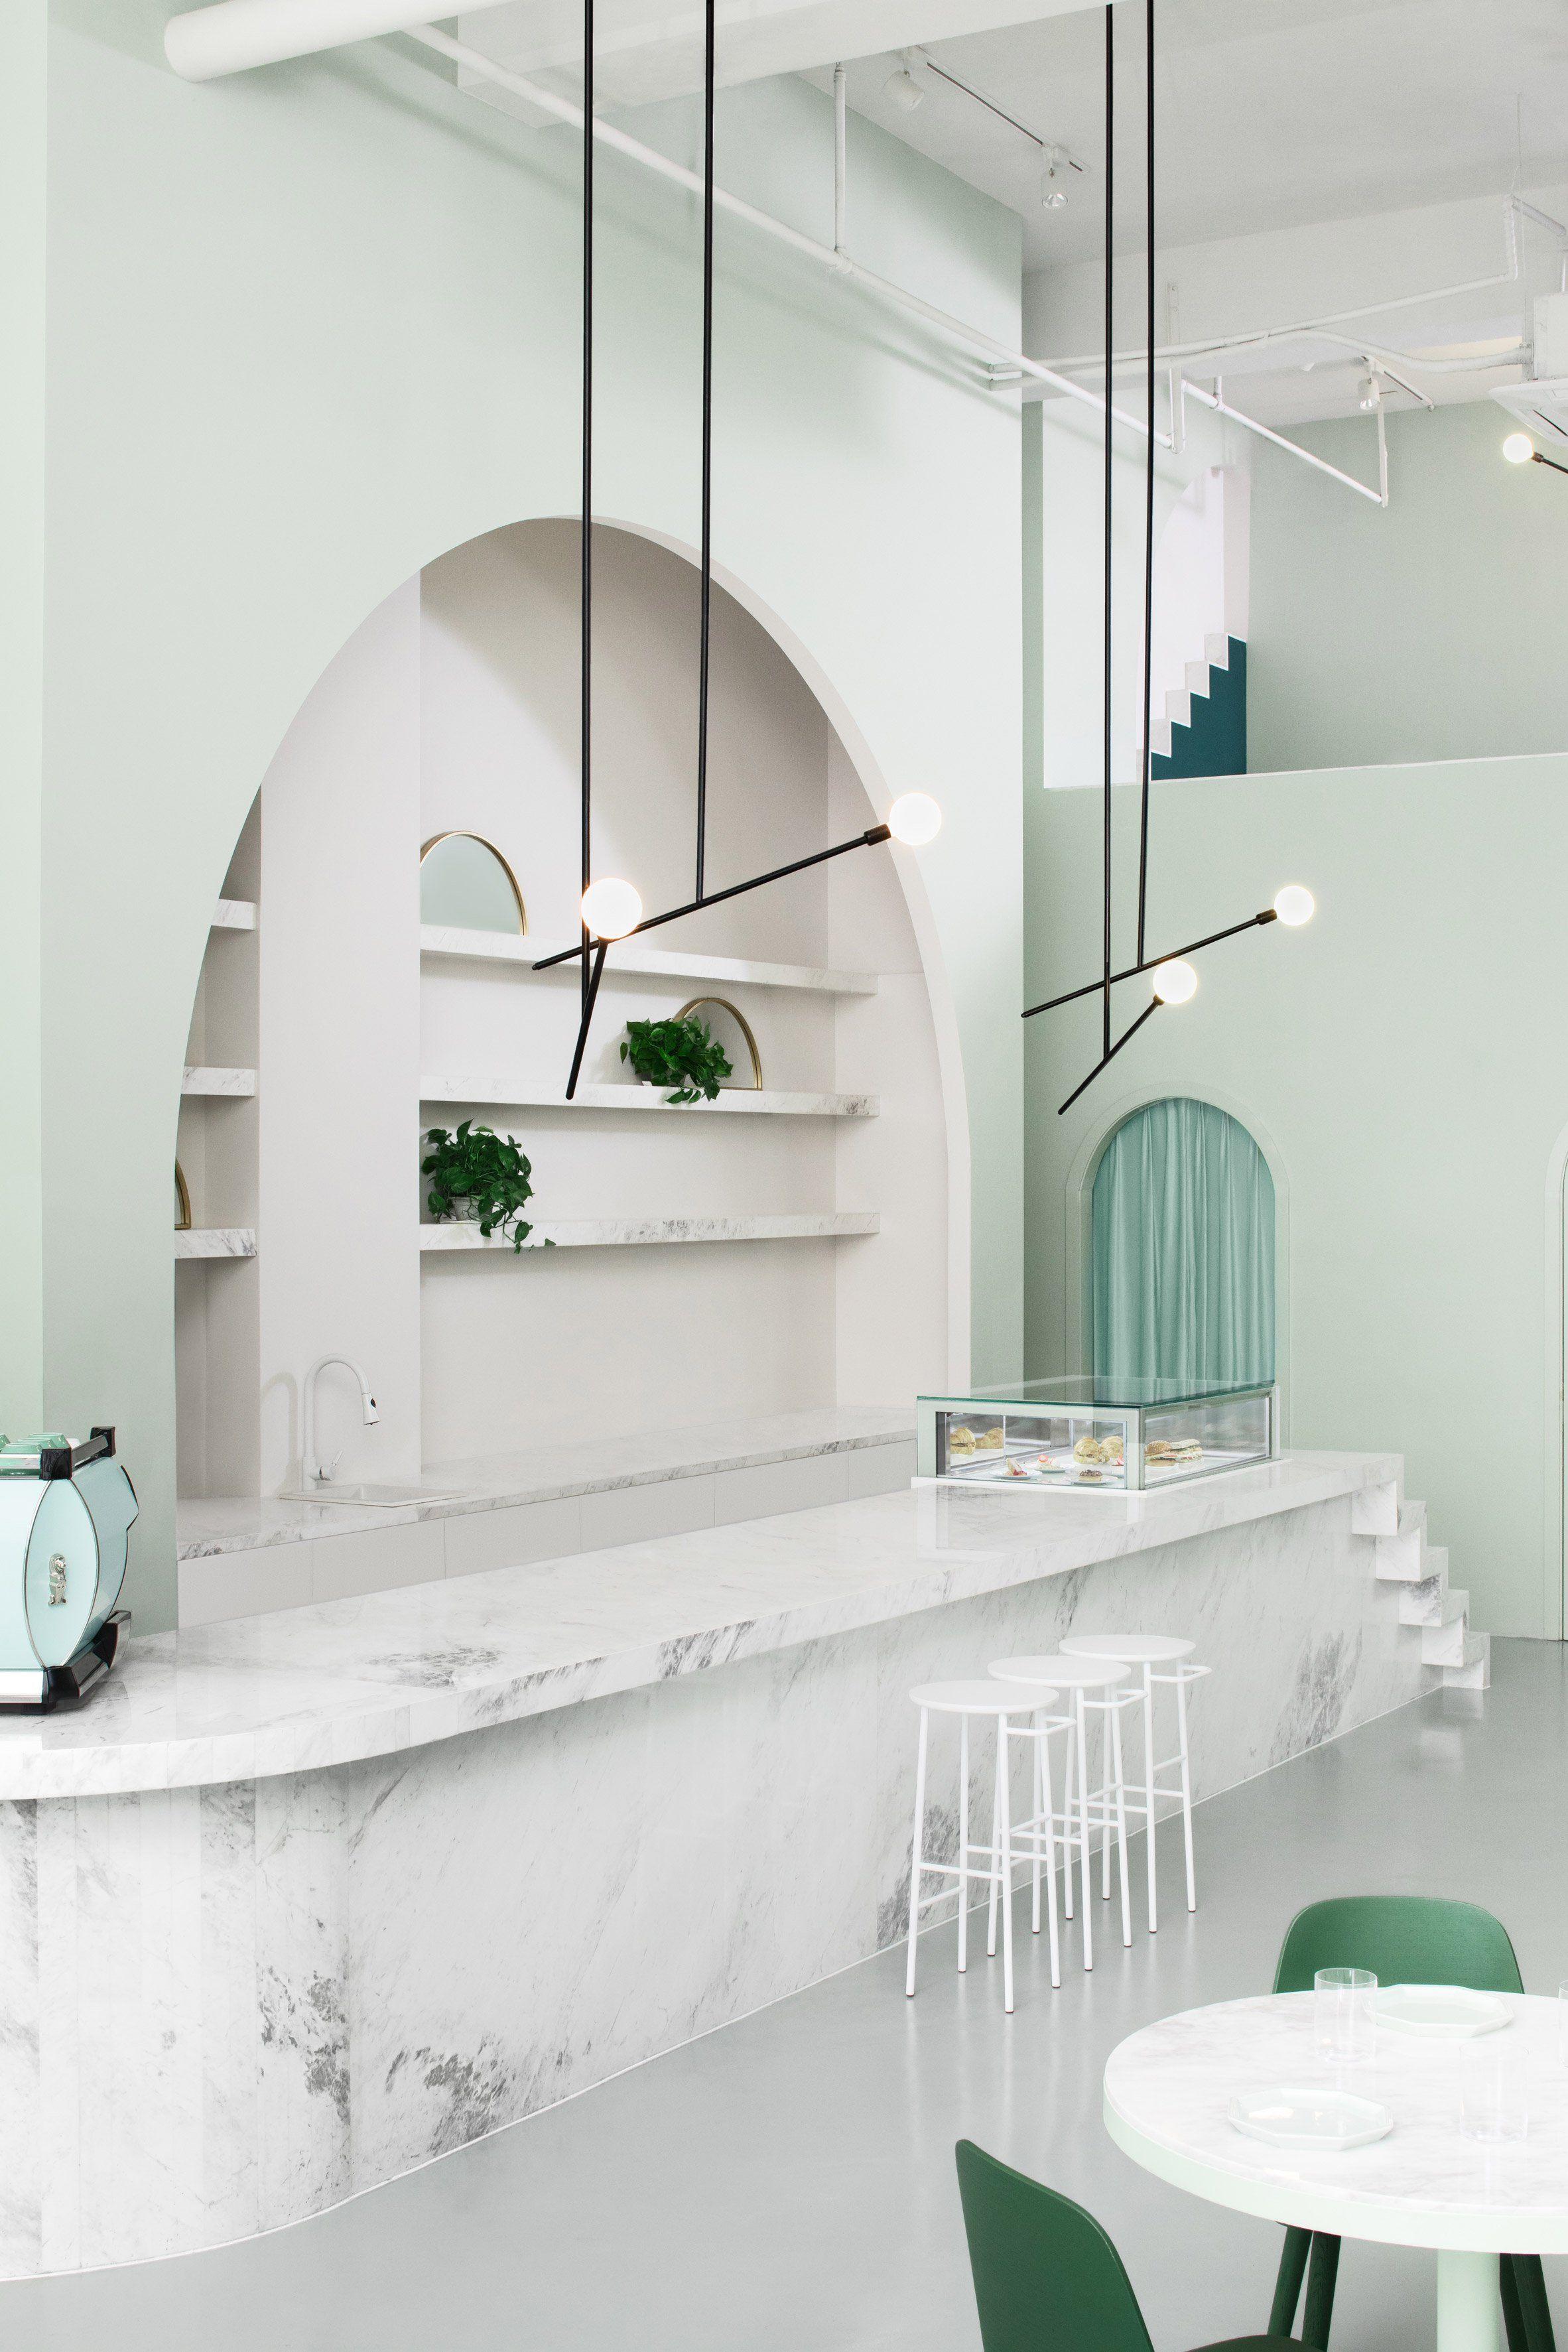 cafe design - Marble Cafe Decoration